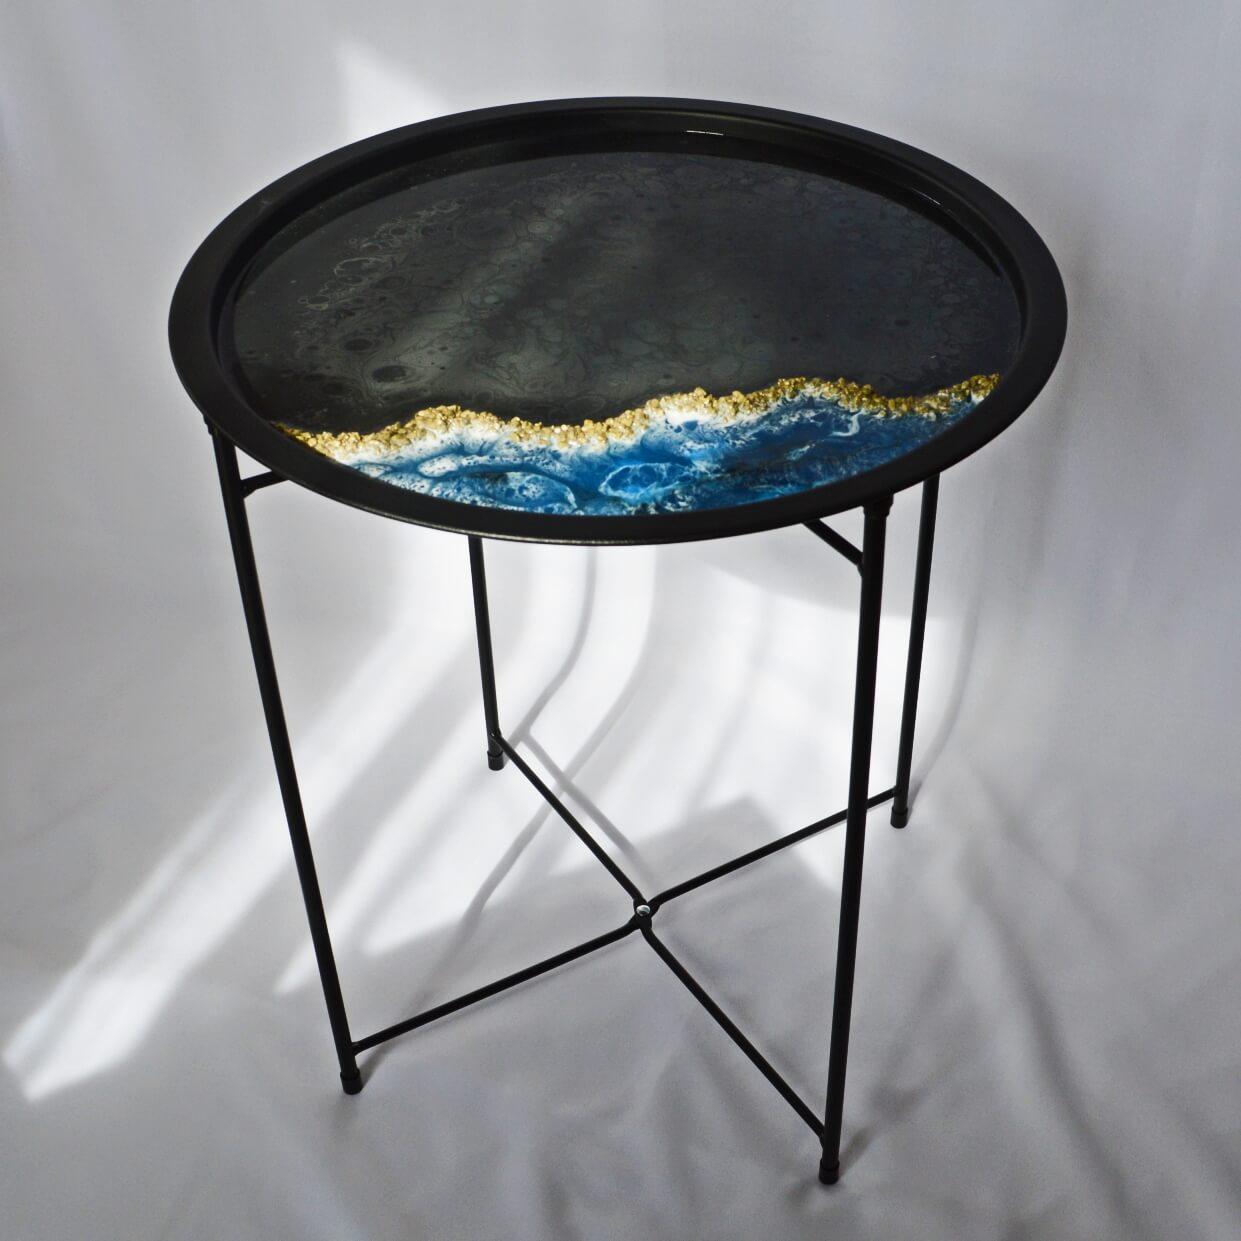 Stolik składany ozdobny, kawowy, kwietnik, PL - Moami Design | JestemSlow.pl